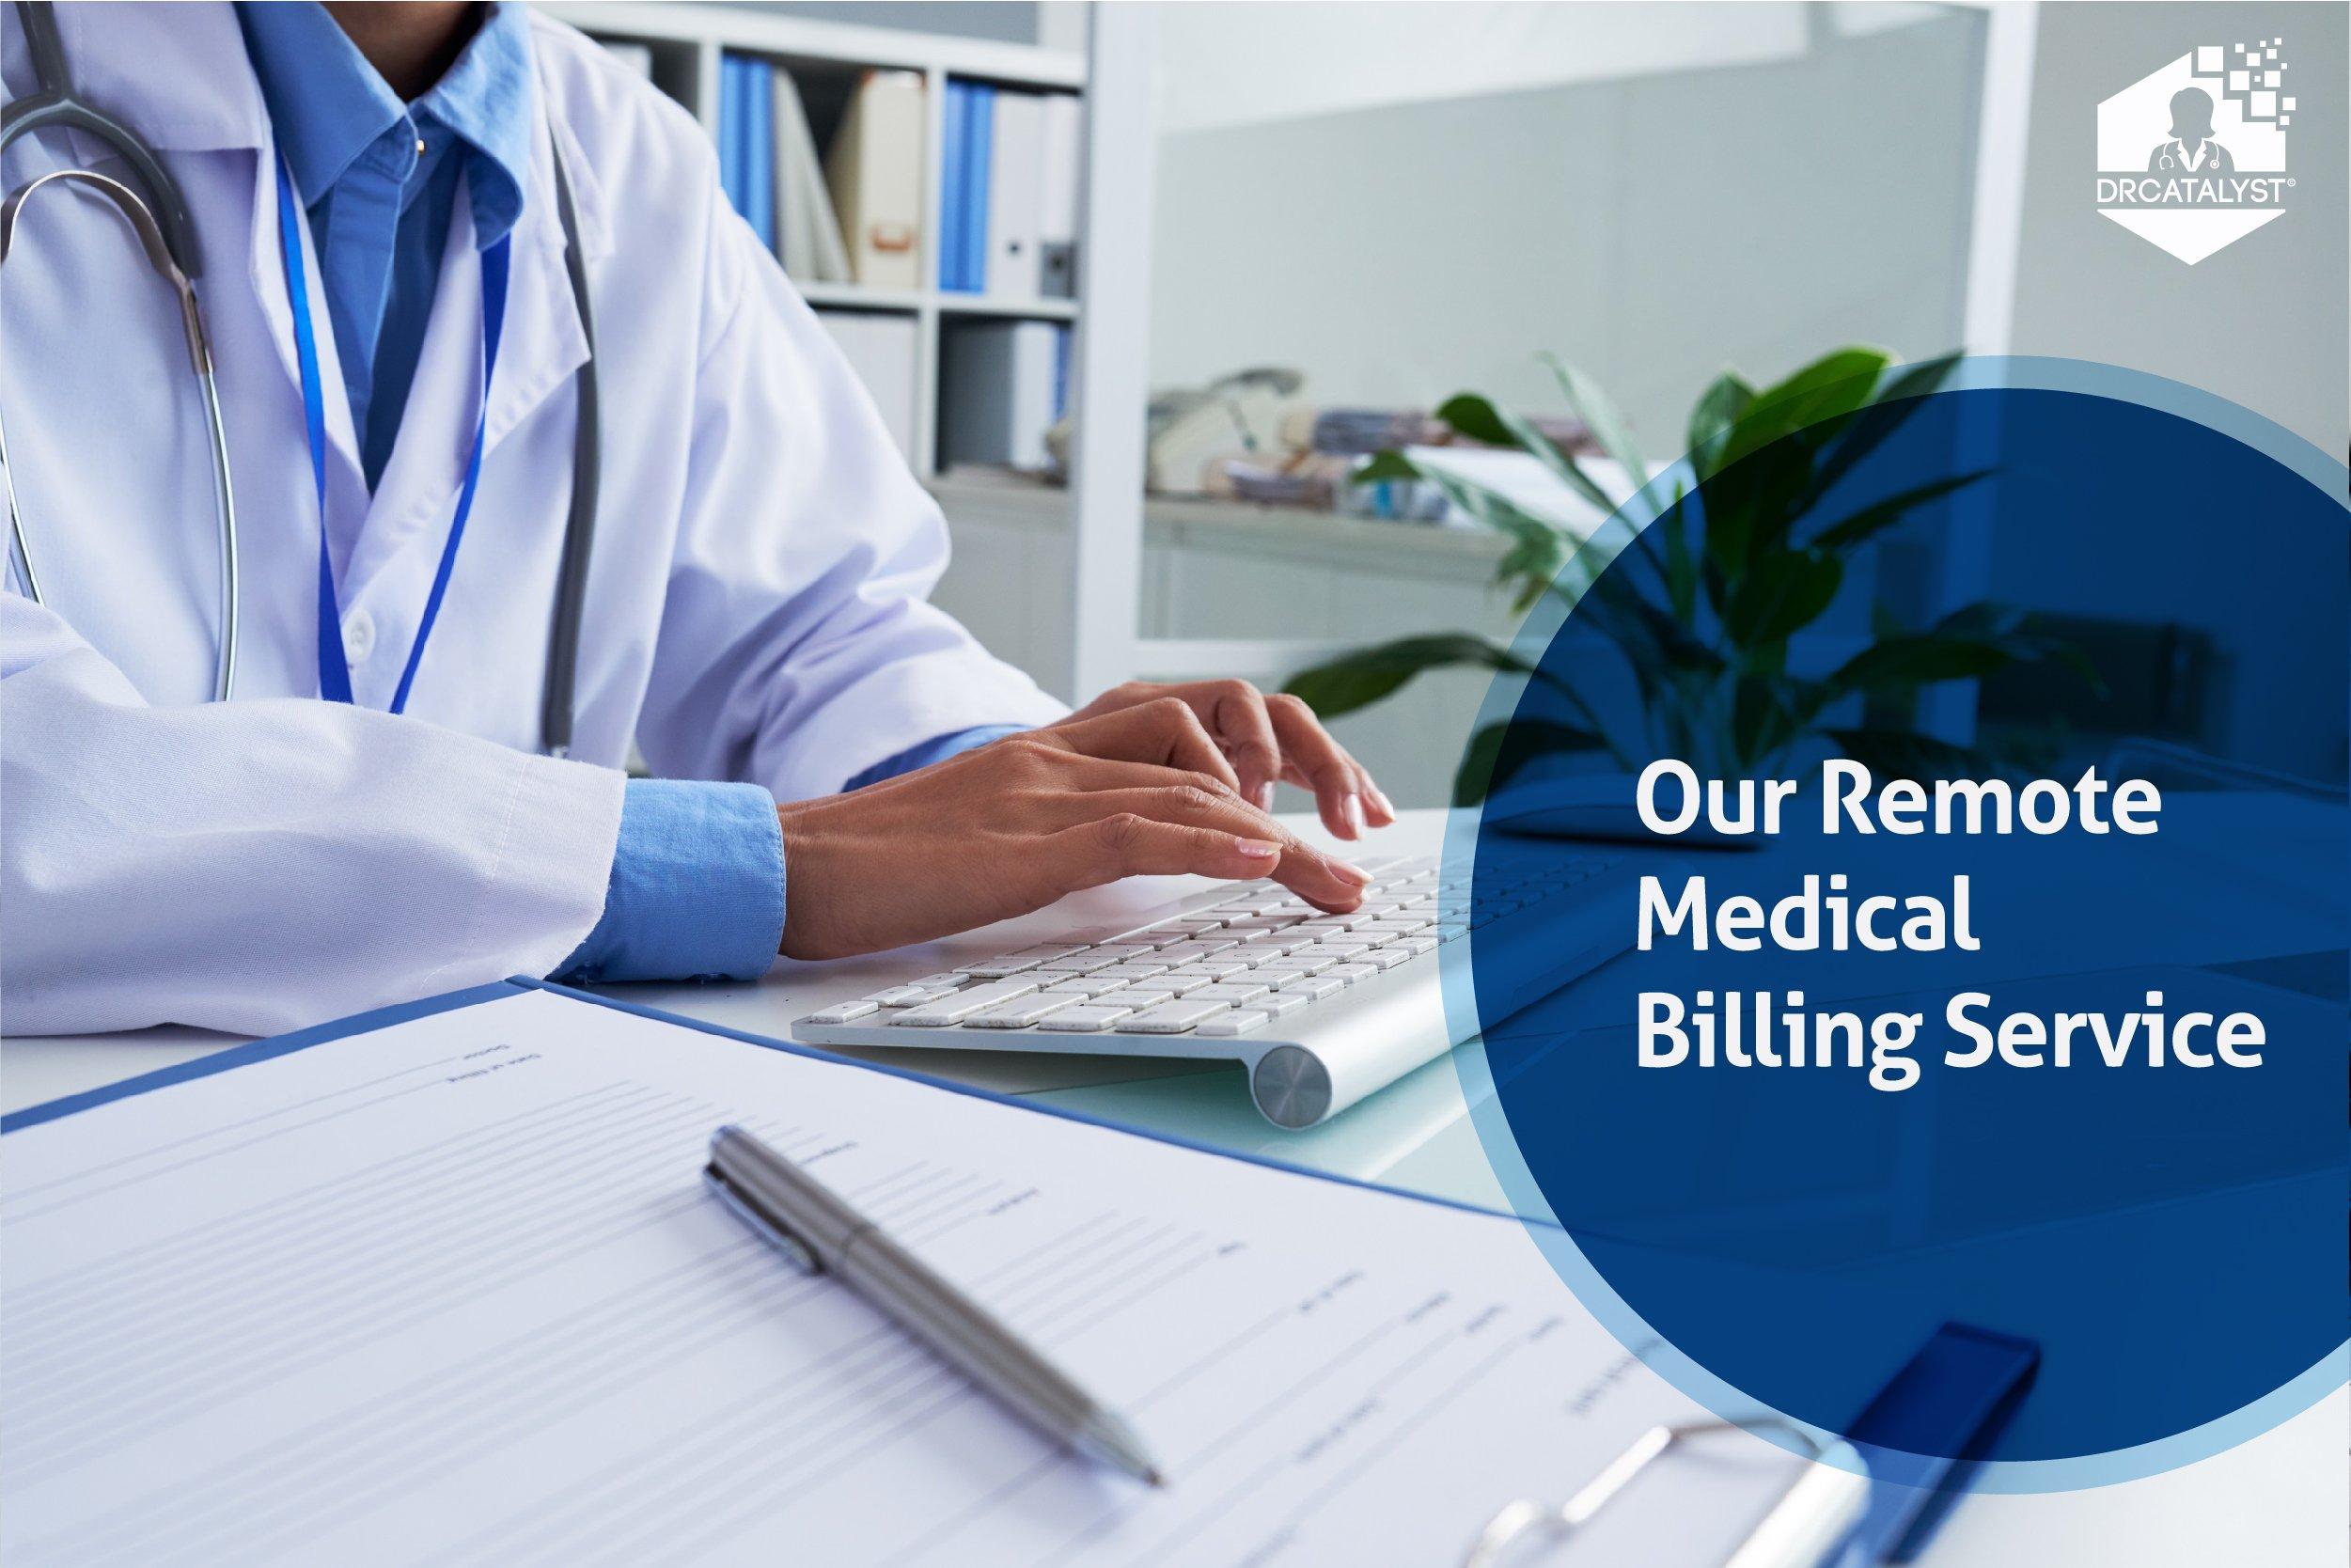 Remote Medical Billing Services